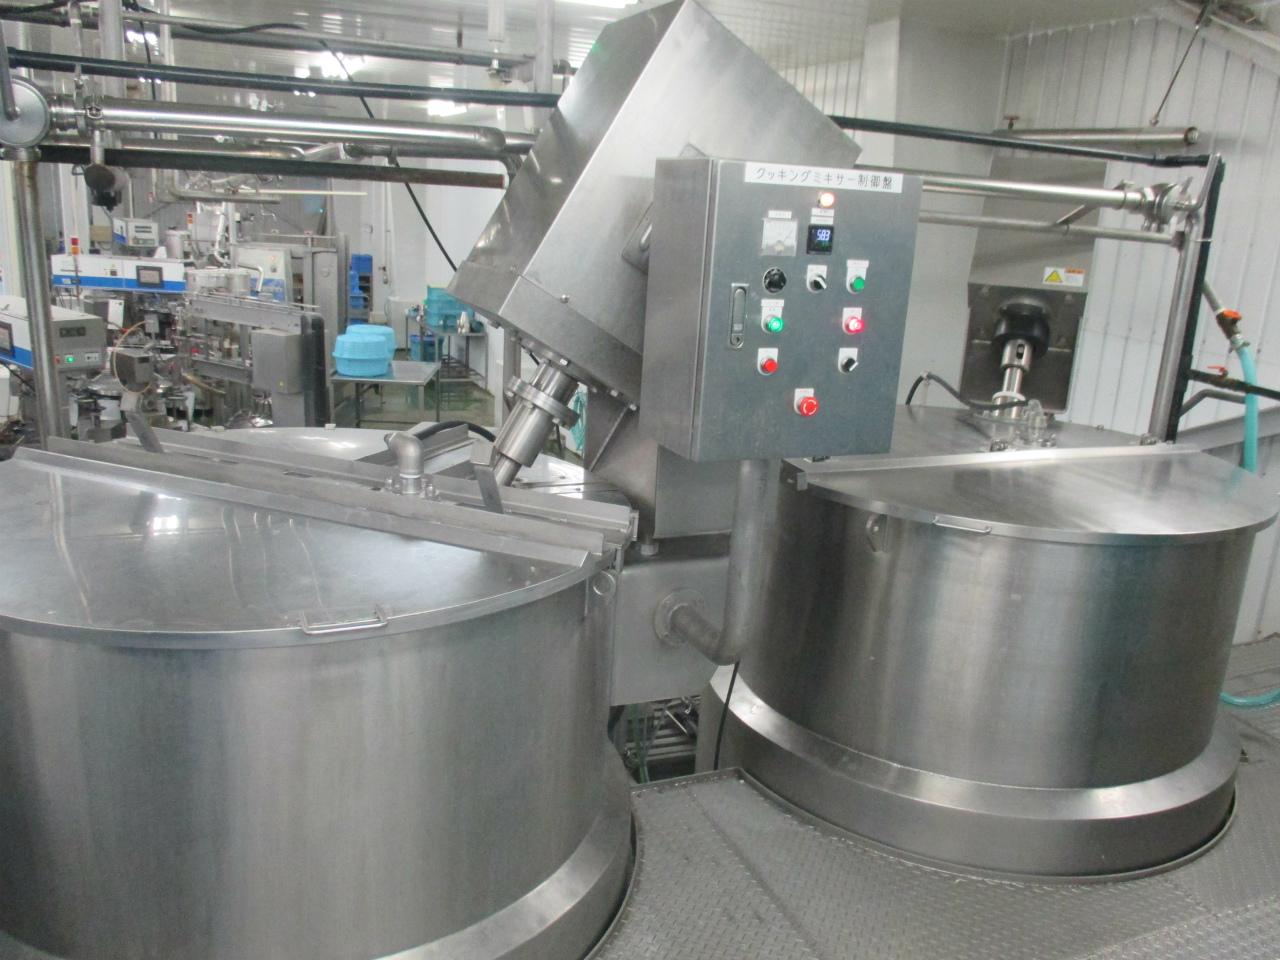 愛媛県の工場で作ったビーフカレー